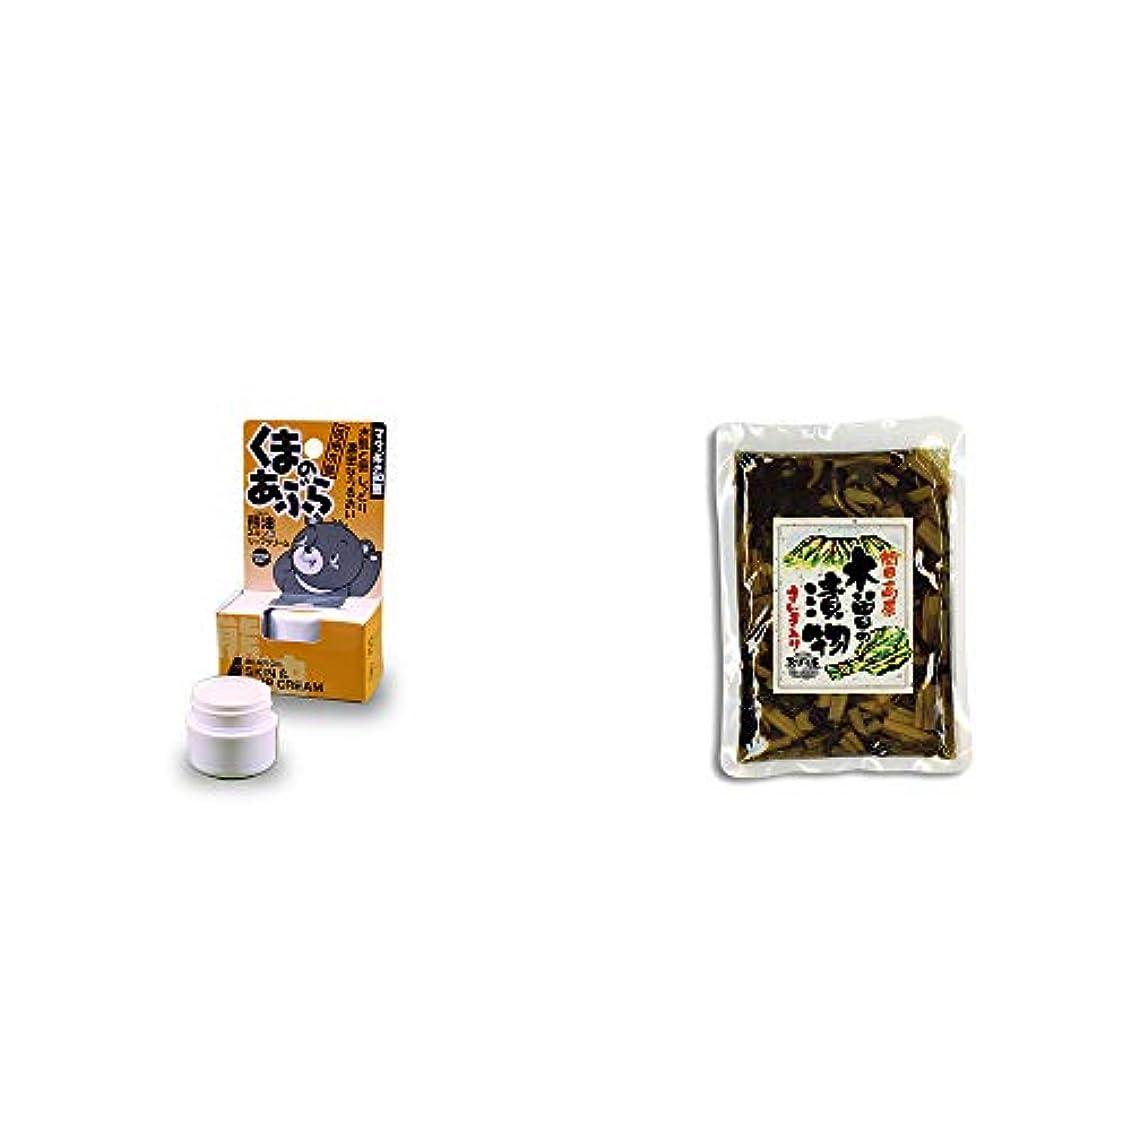 趣味誤解させる繰り返す[2点セット] 信州木曽 くまのあぶら 熊油スキン&リップクリーム(9g)?【年中販売】木曽の漬物 すんき入り(200g) / すんき漬け味付加工品 //